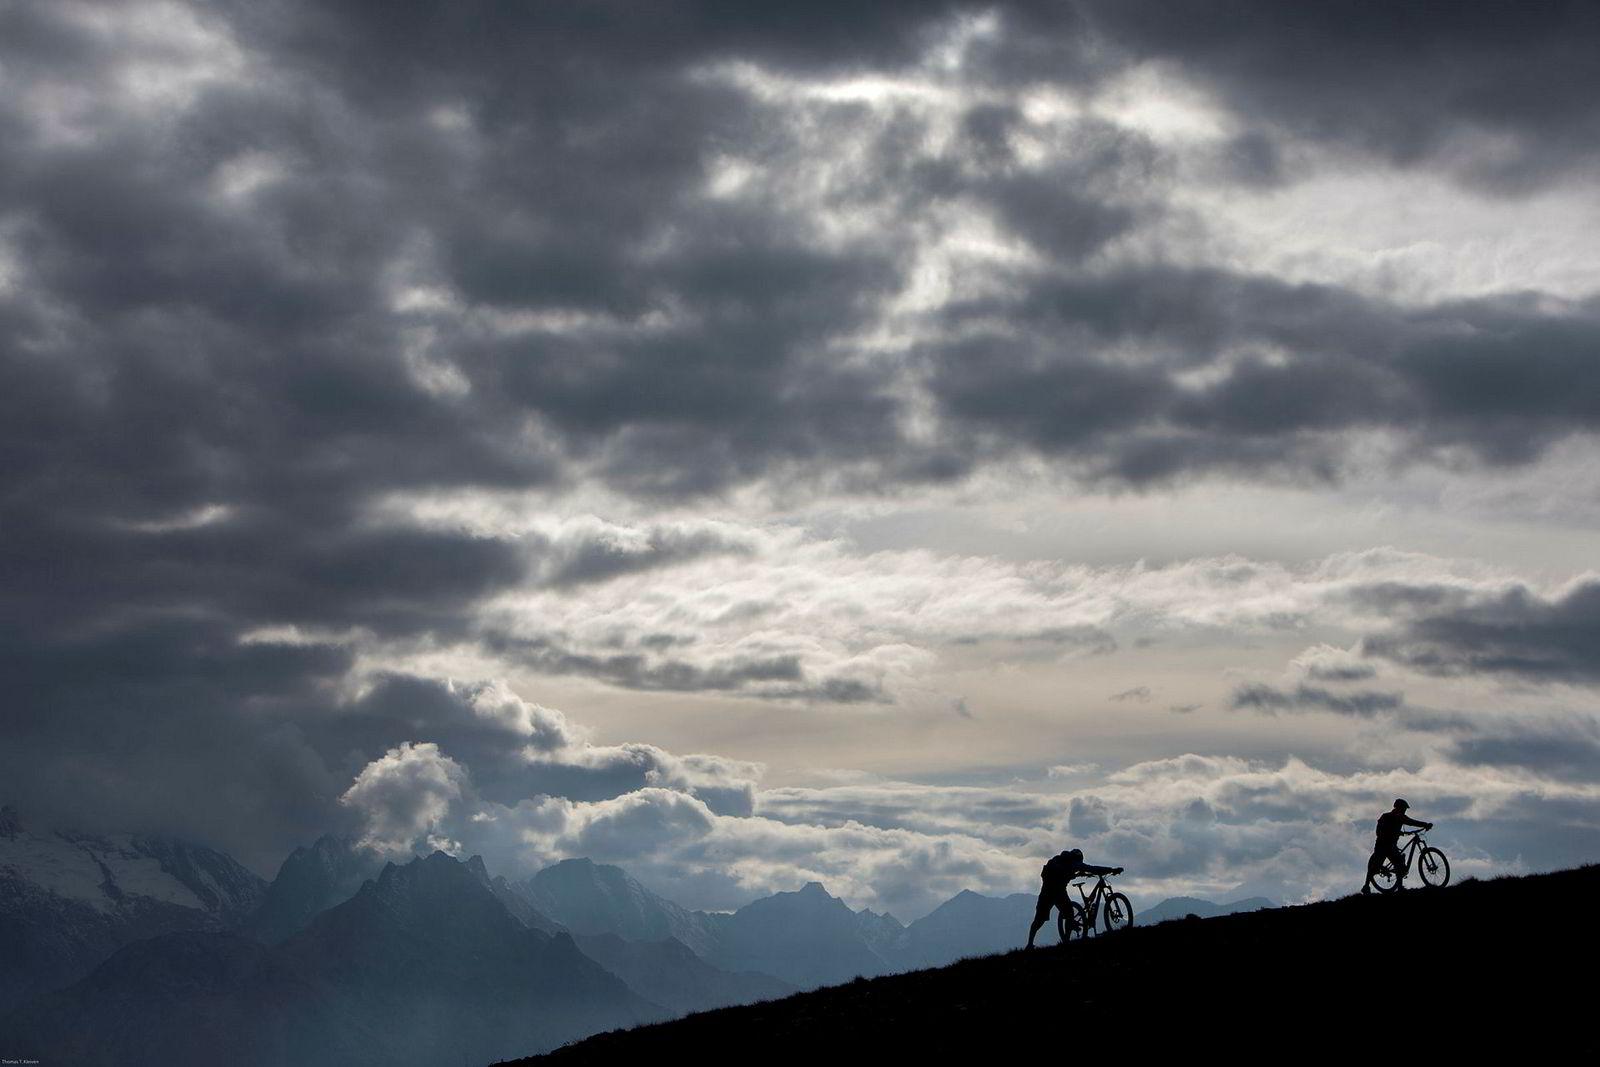 Sykkelguide Fabrizio Charruaz liker at kundene ikke bare kjører heis eller bil opp til starten av stiene. Han liker at de også går for egen maskin. Sammen med Trailguide-grunder Bjørn Jarle Kvande dytter han syklene lenger opp før de setter utfor stiene i Aosta-dalen.